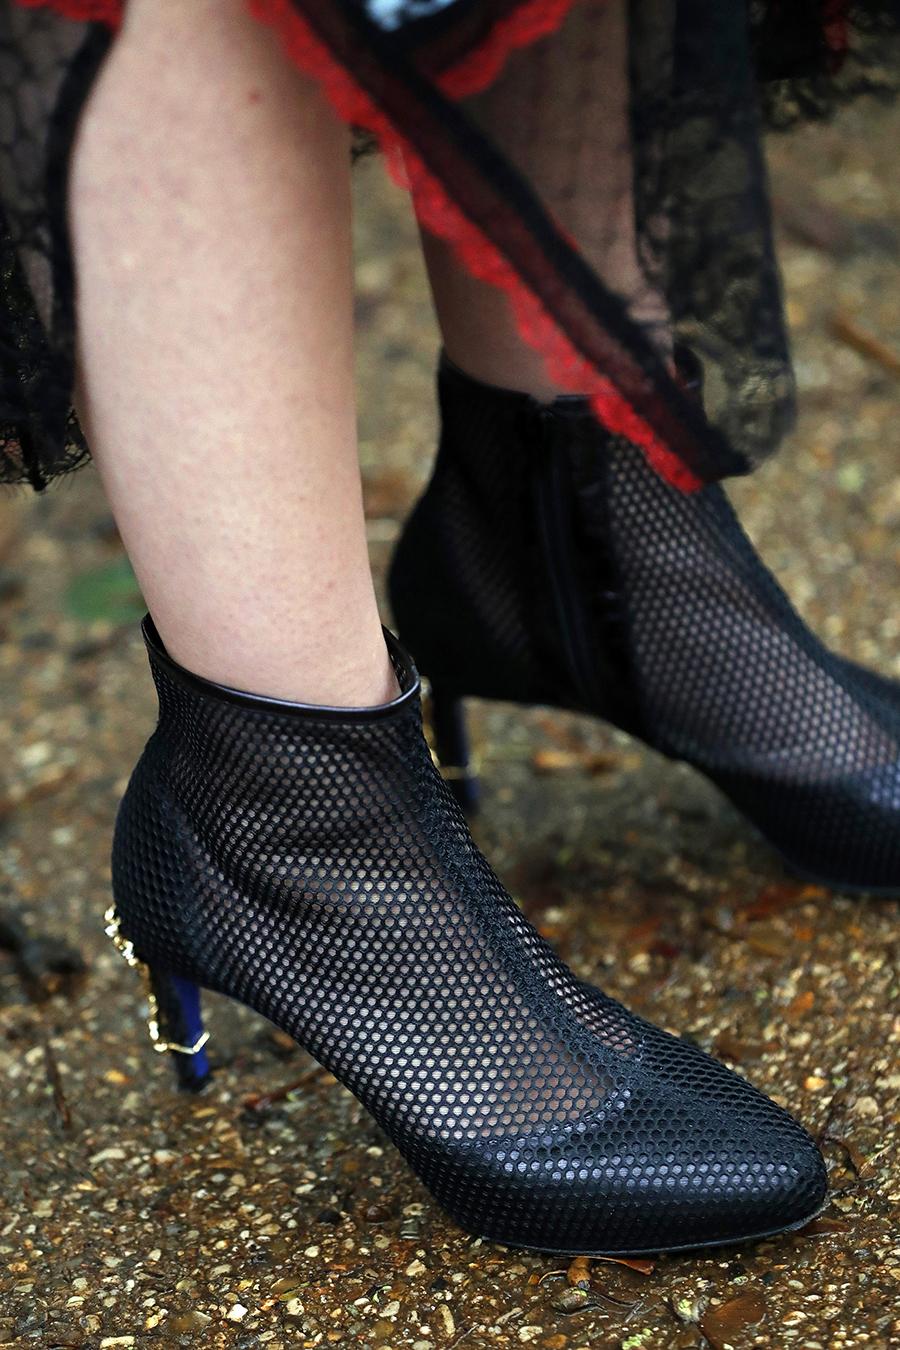 обувь весна 2021 туфли ботильоны ботинки с перфорацией черные на каблуке